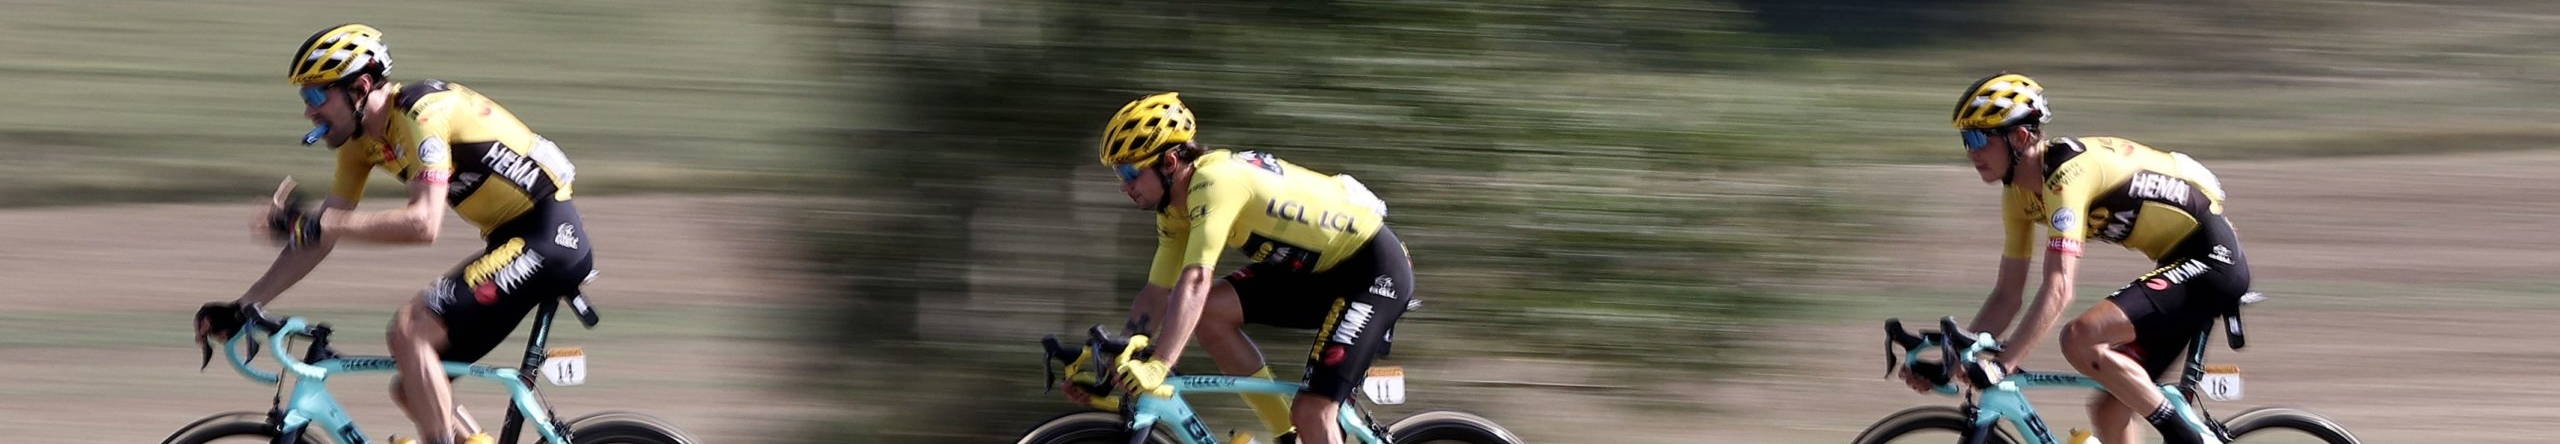 Tour de France 2020, quote e favoriti per la tappa 20: Roglic vuole chiudere i conti